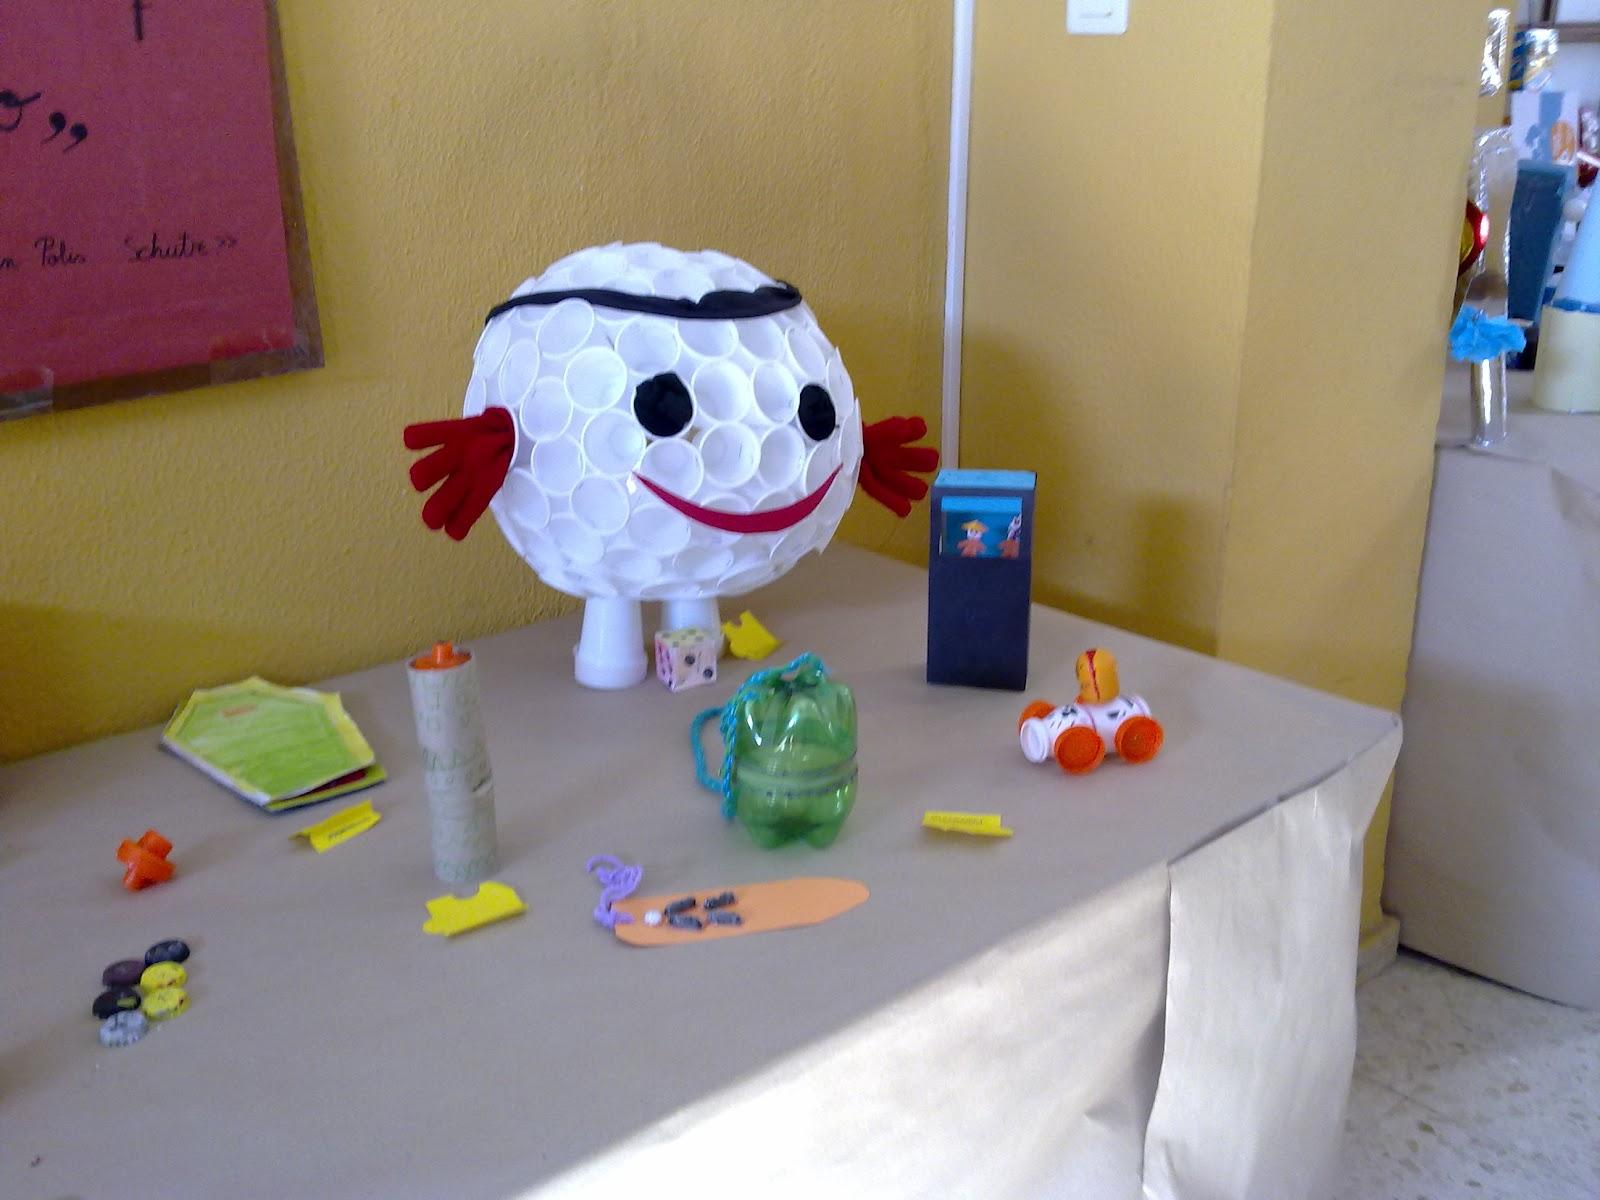 Trabajos manuales con material reciclable - Trabajos manuales para ninos de primaria ...